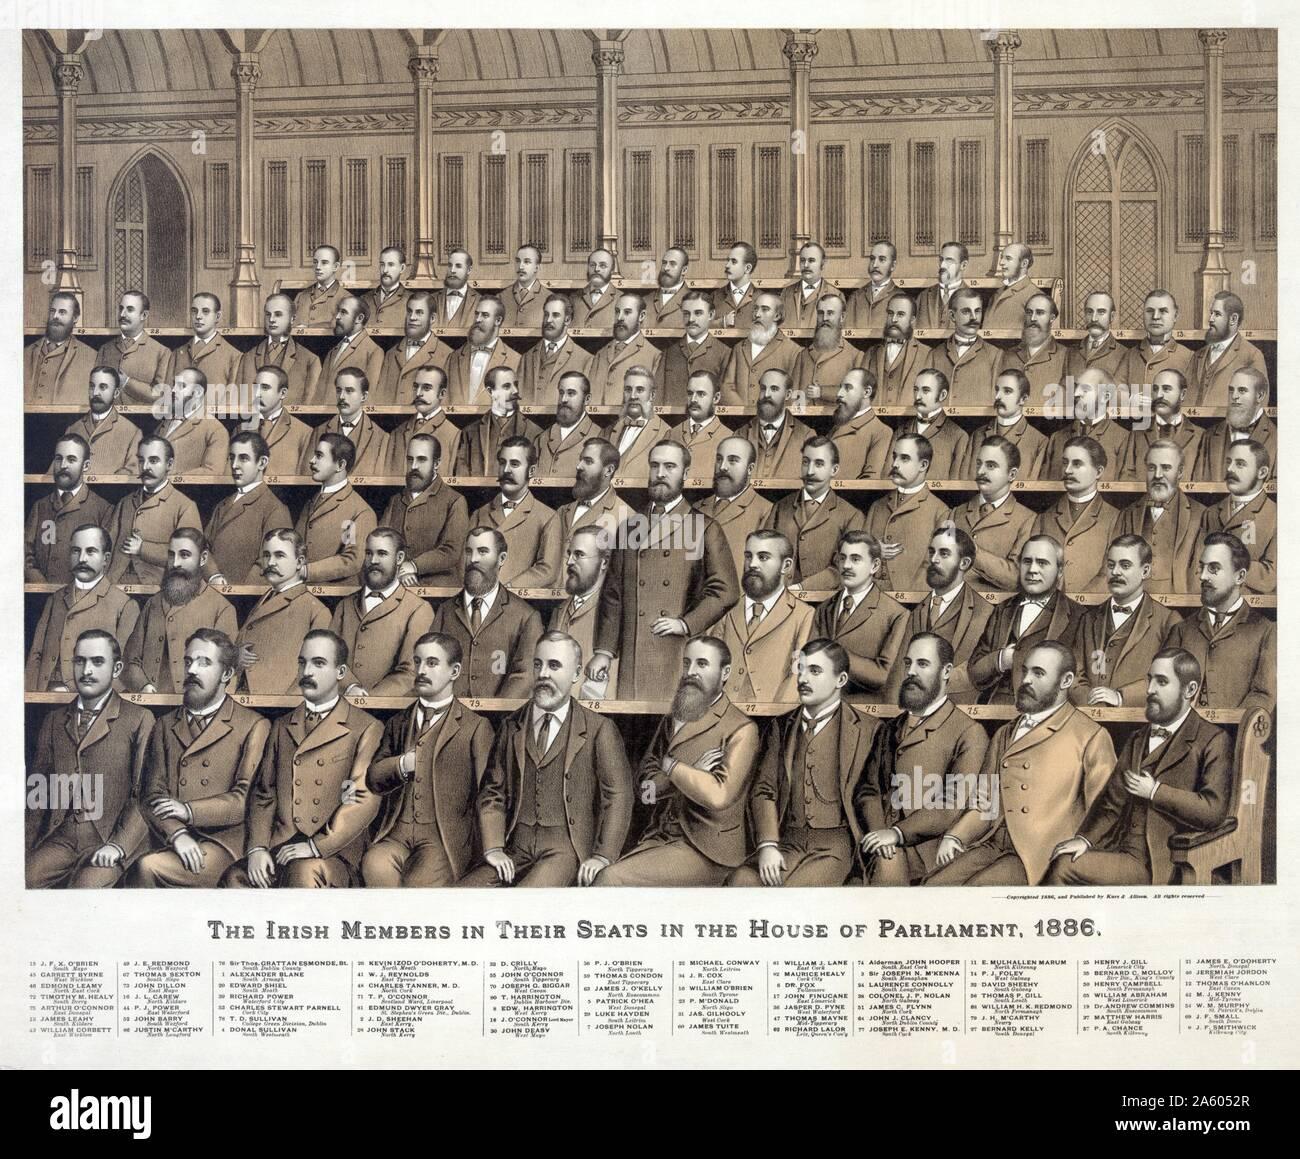 Membri irlandesi nelle loro sedi nella Casa del Parlamento; 1886 dalla parte posteriore a quella anteriore; 1. Alexander Blane; 2. J.D. Sheehan; 3. Sir Joseph N. M'Kenna; 4. Donal Sullivan; 5. Patrick O'Hea; 6. Il dott. Fox; 7. Joseph Nolan; 8. Edw. Harrington; 9. J.F. Smithwick; 10. William O'Brien; 11. E. Mulhallen Marum; 12. Thomas O'Hanlon; 13. James Leahy; 14. P.J. Foley; 15. J.F.X. O'Brien; 16. J.L. Carew; 17. John Finucane; 18. O'Connor; Lord Mayor; 19. Il dott. Andrea Commins; 20. Edward Shiel; 21. James E. O'Doherty; 22. Michael Conway; 23. P. M'DDonald; 24. Laurence Connolly; 25. Henry J. Gill; 26. Kevin Izod O'Doher Foto Stock